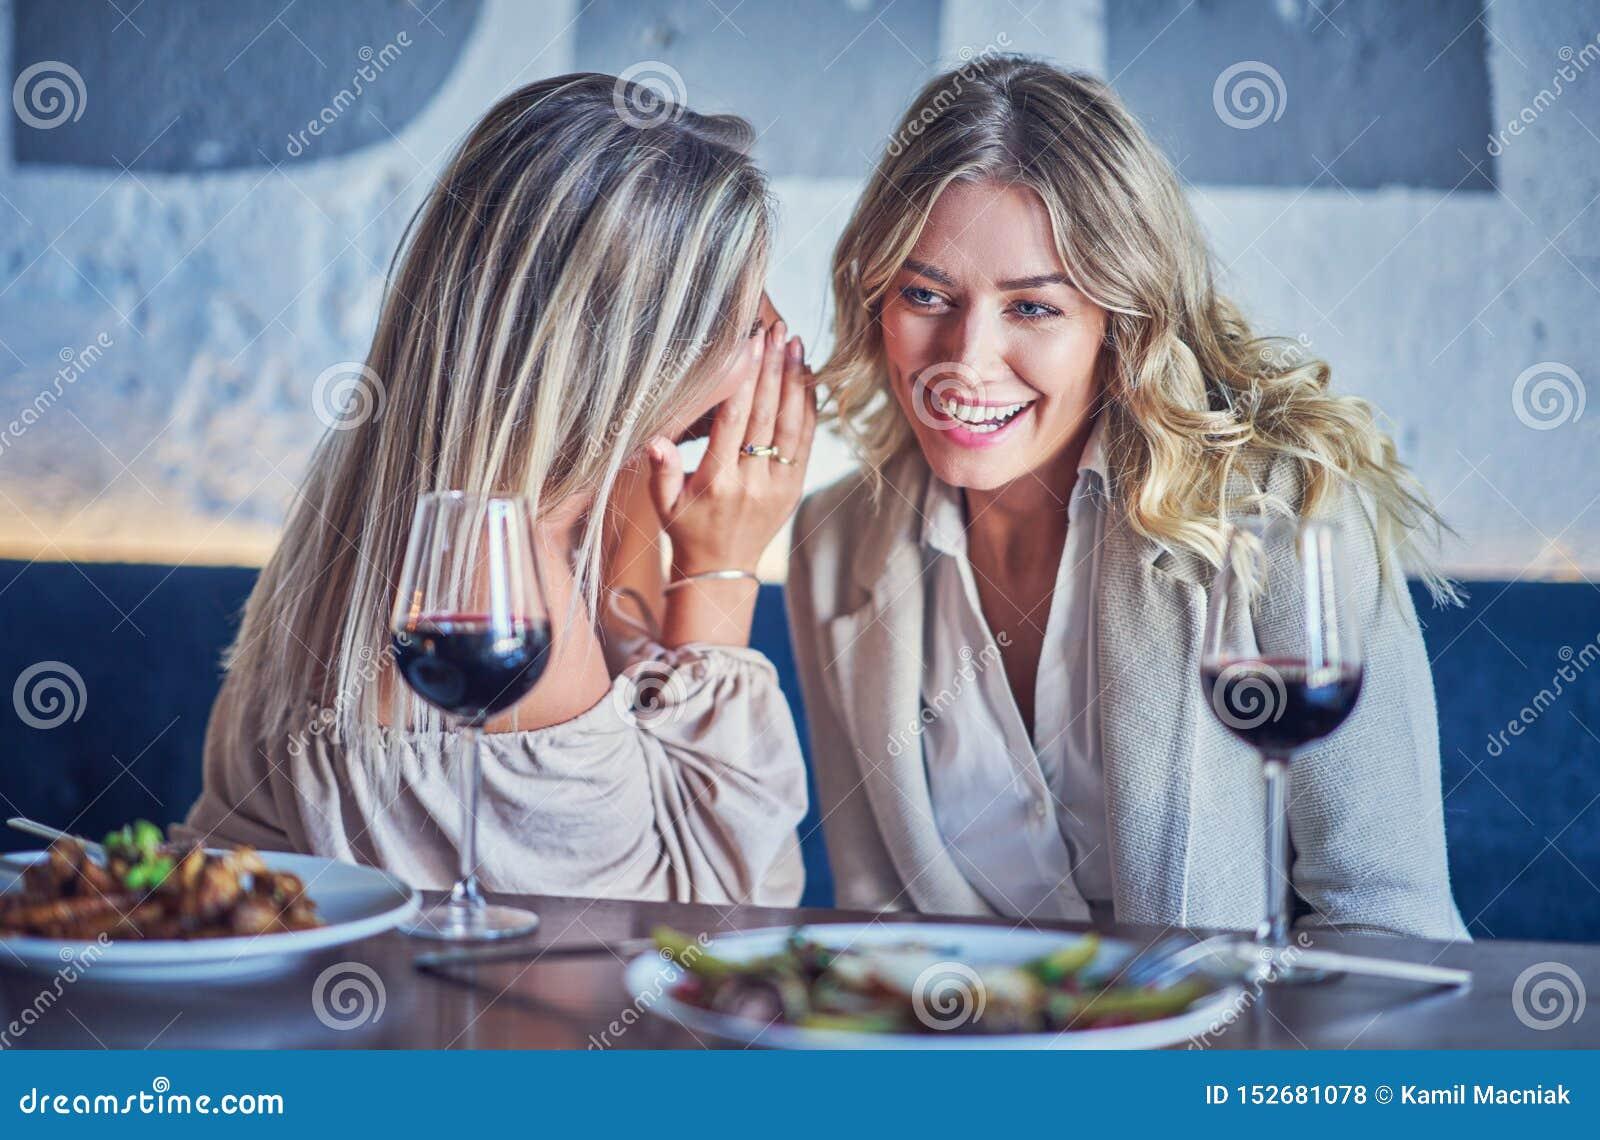 Δύο φίλοι κοριτσιών που τρώνε το μεσημεριανό γεύμα στο εστιατόριο